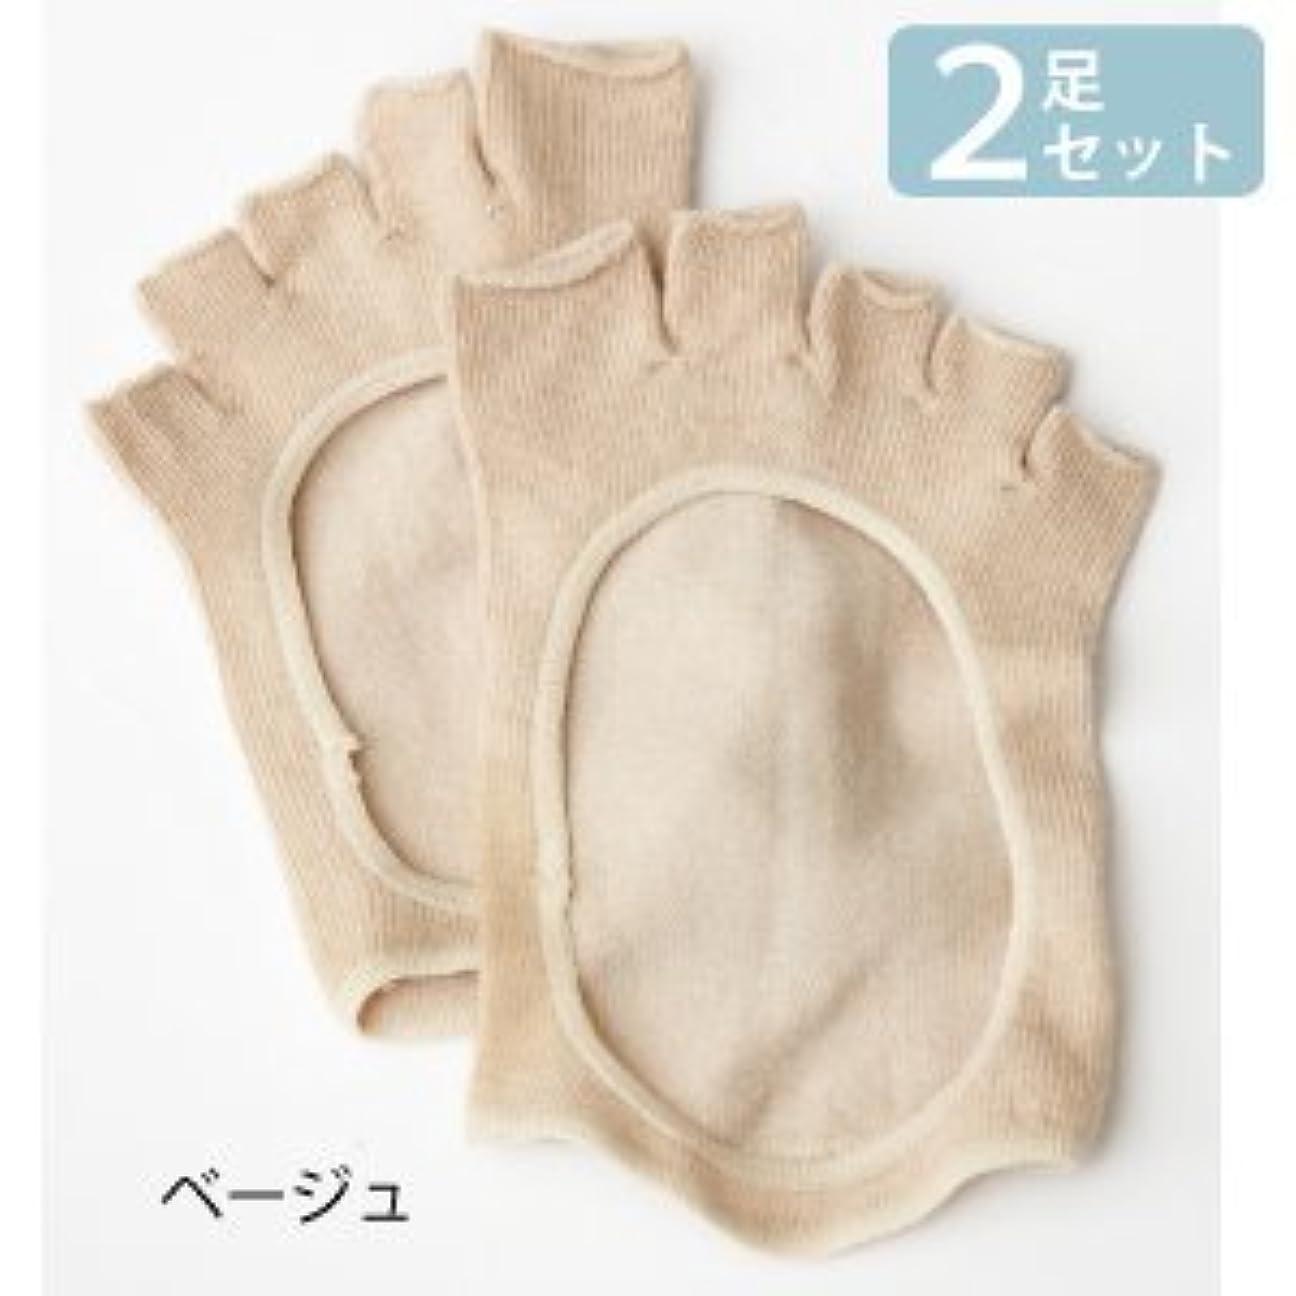 どうやって抑止する湿気の多い脱げにくい 足指セパレーター (2足セット, ベージュ)